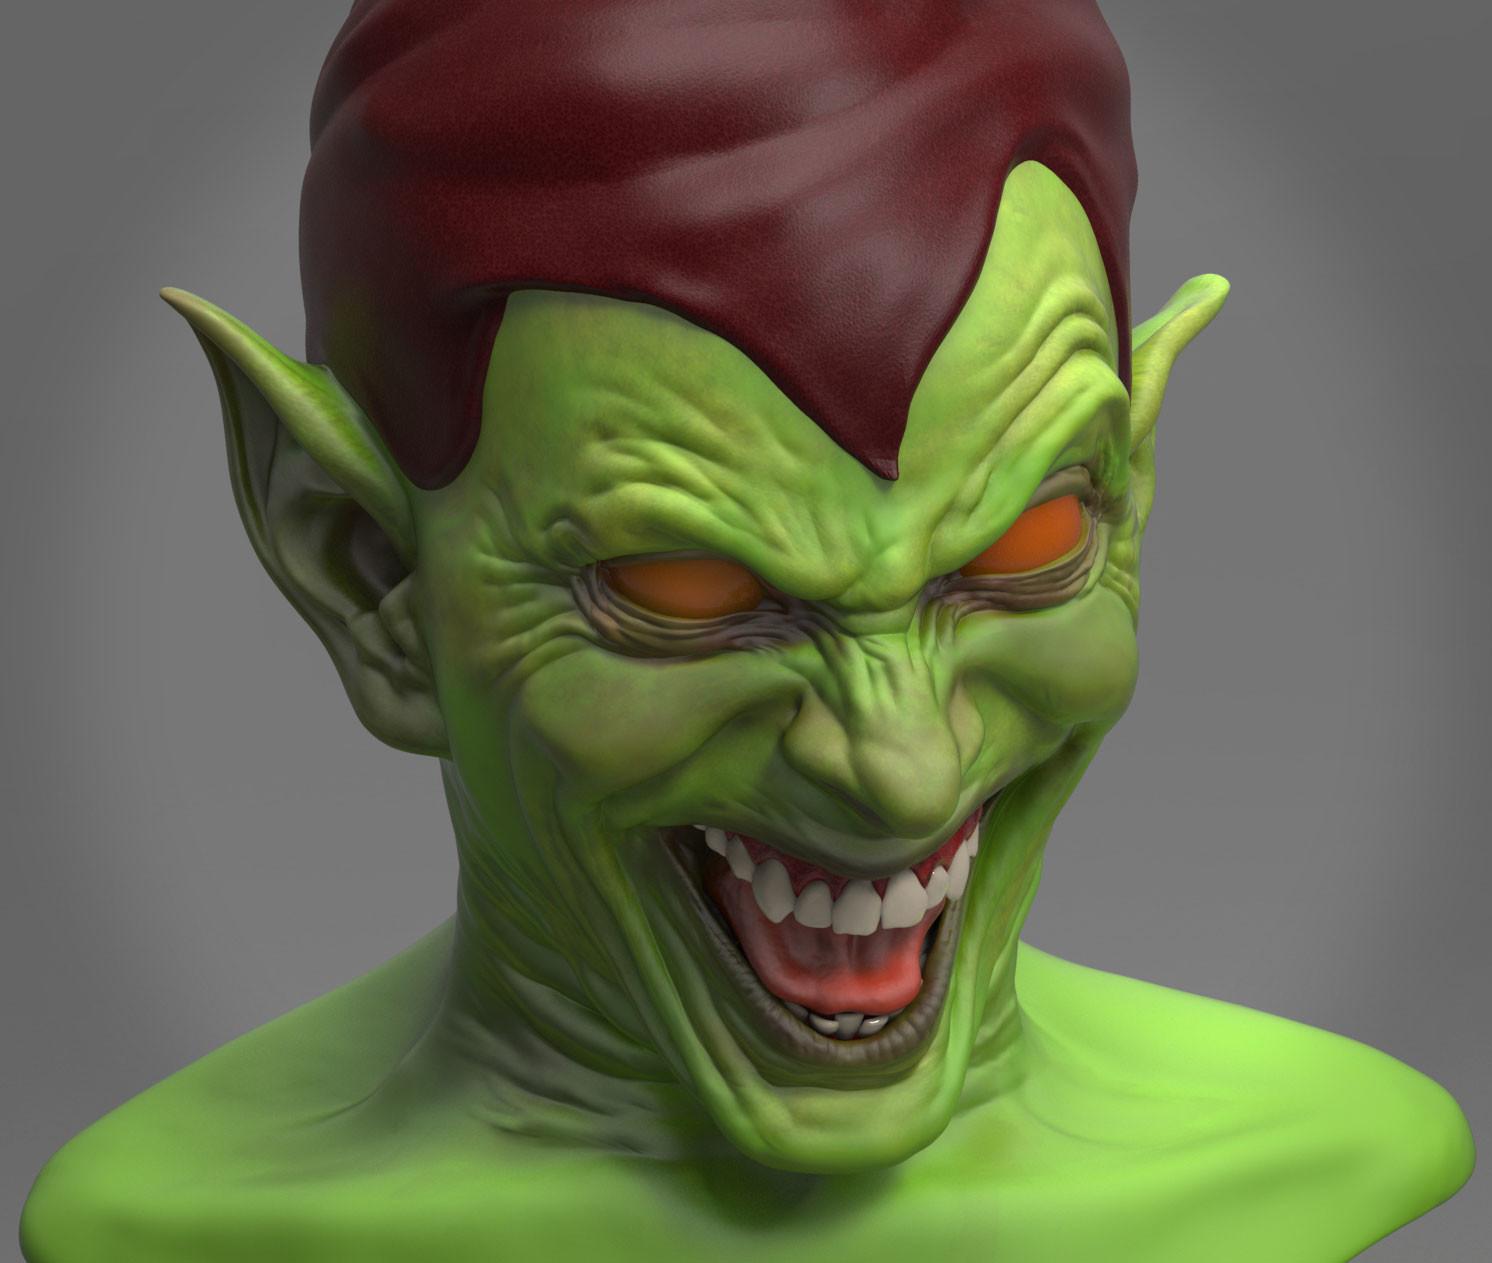 artstation green goblin wip roberto fernandes